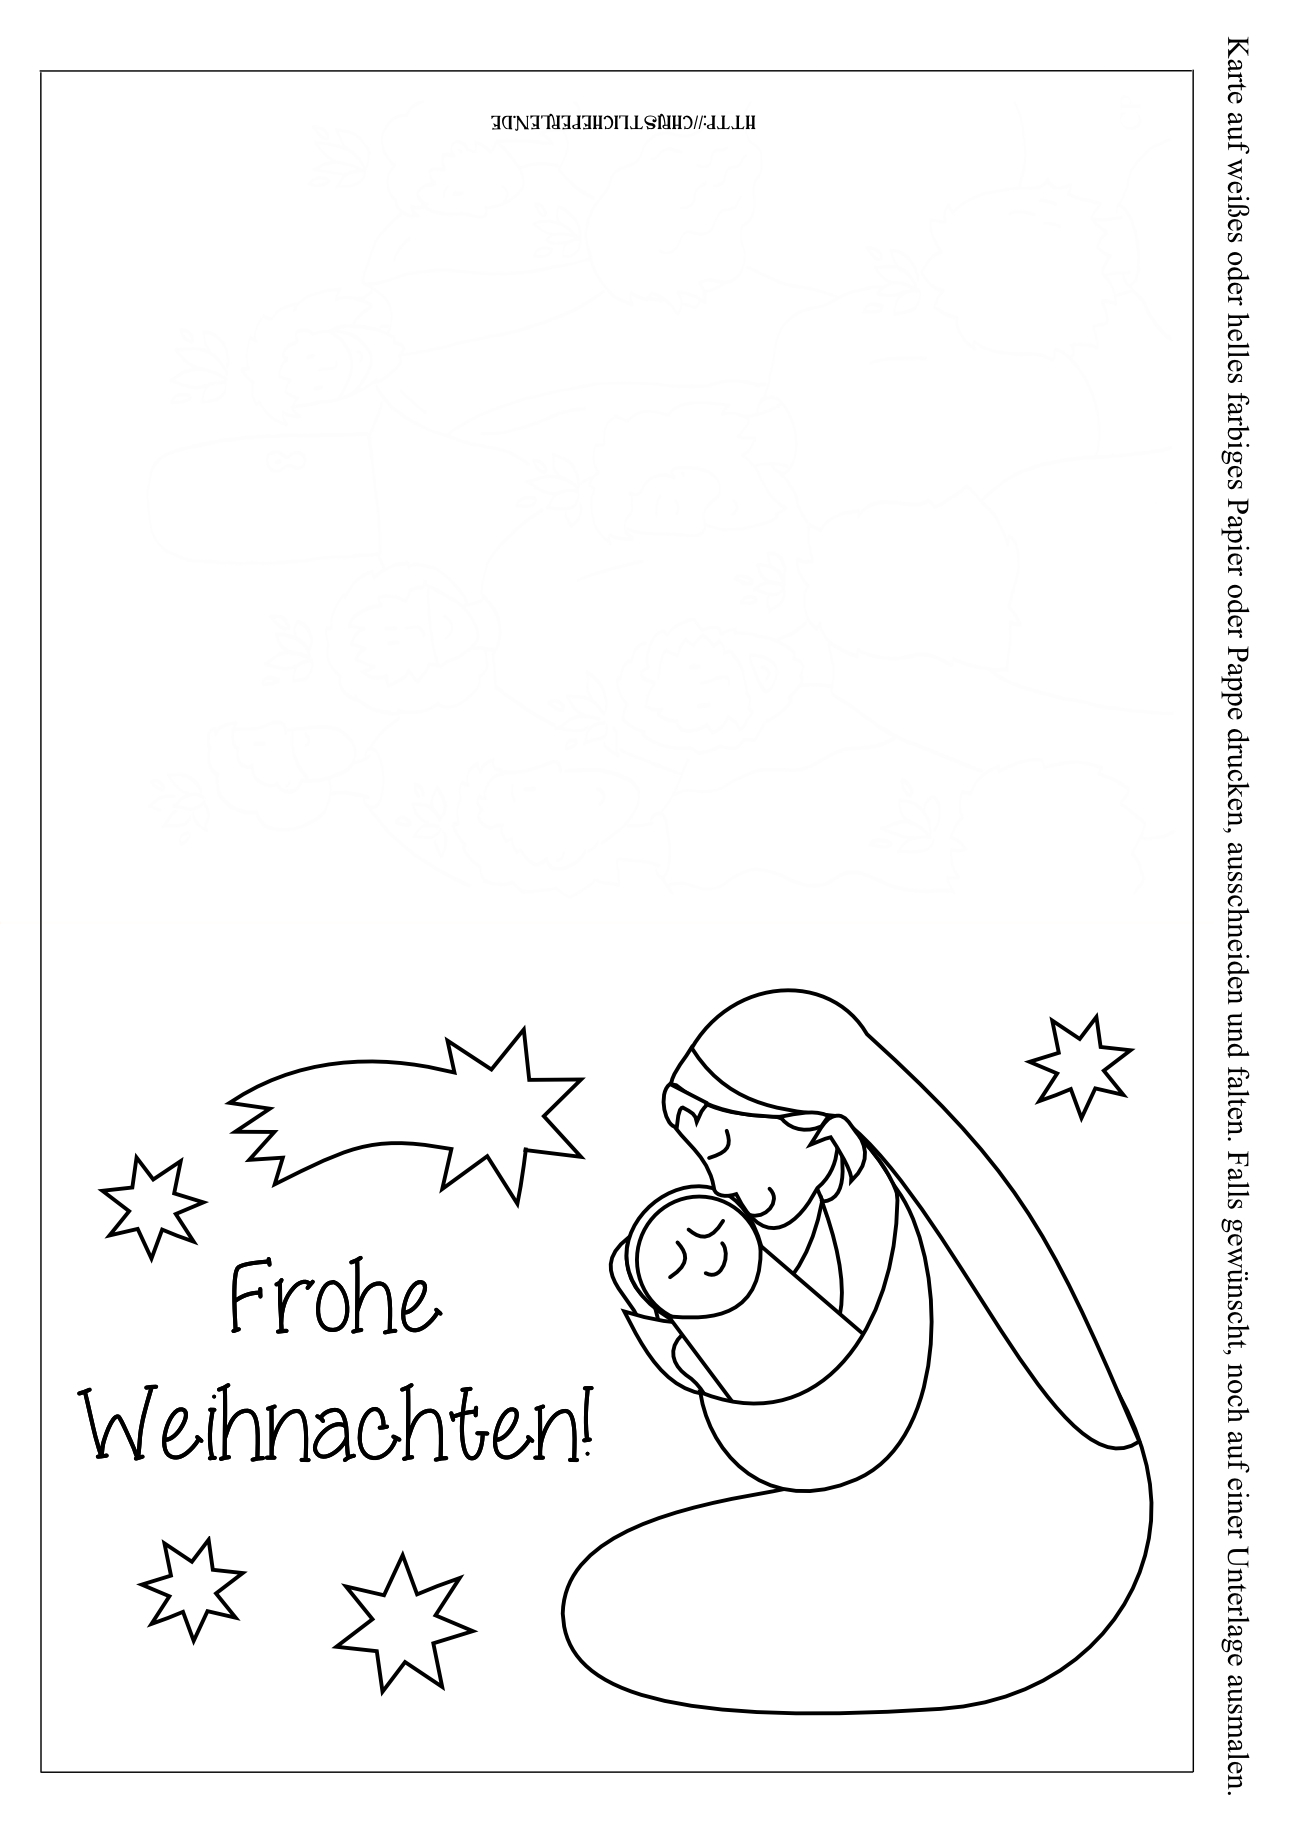 Weihnachtskarten Zum Ausdrucken | Christliche Perlen innen Weihnachtskarten Zum Ausdrucken